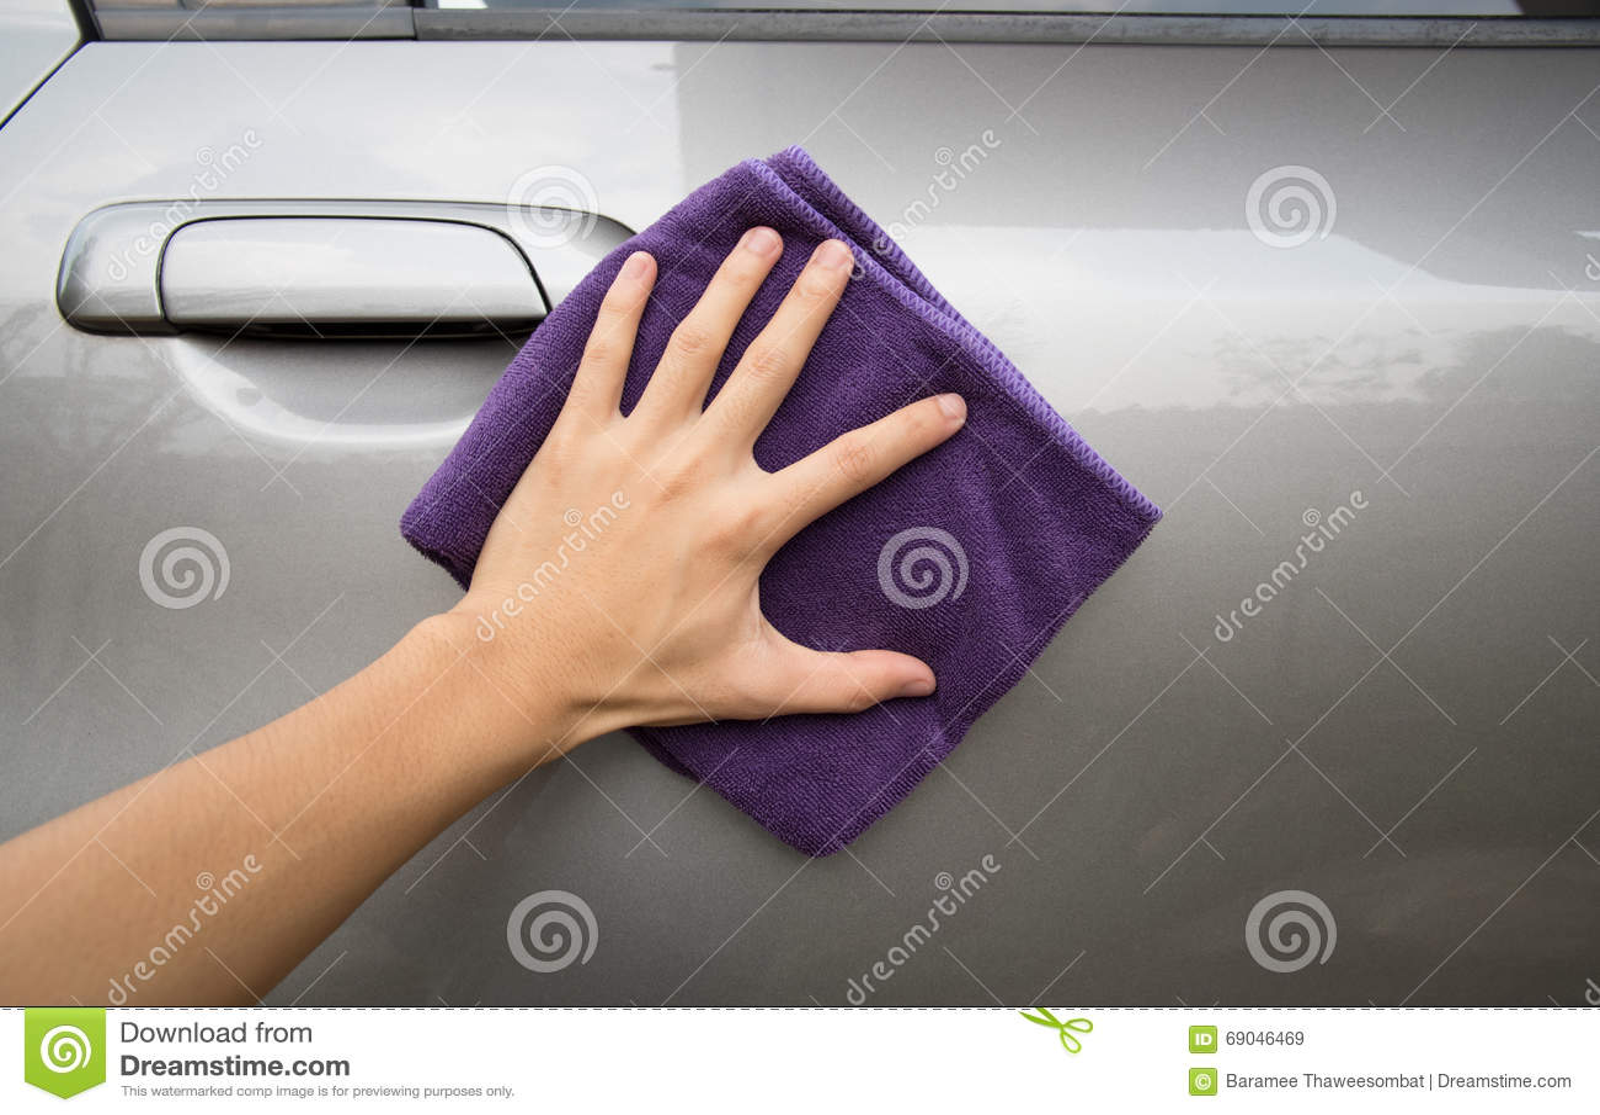 Ręki mienia microfiber sukienny polerowniczy szary samochód